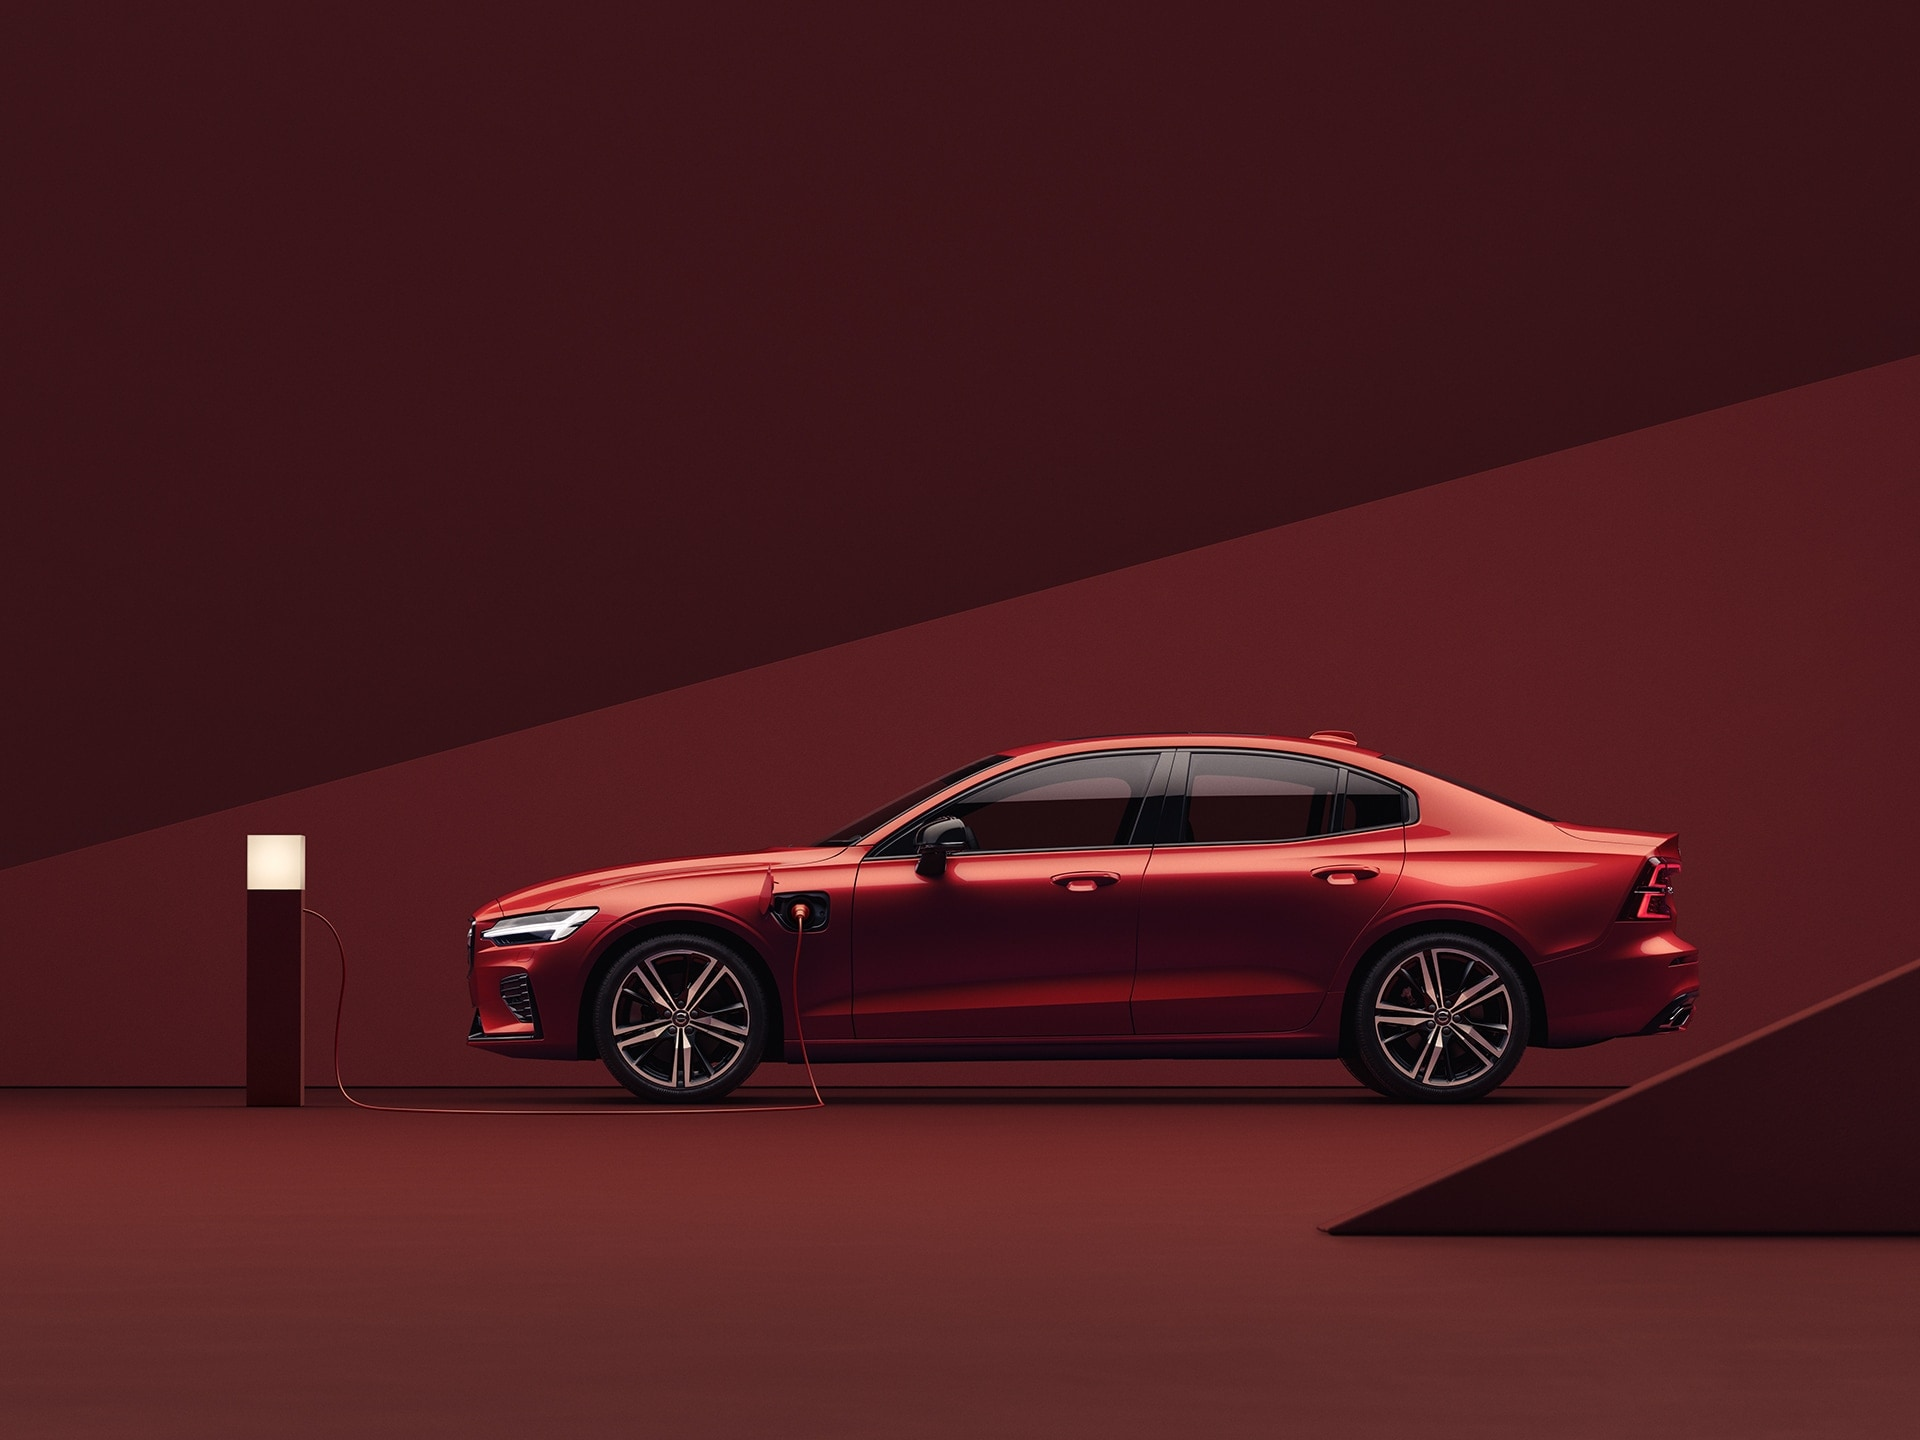 Crveni Volvo S60 Recharge se puni u crvenom okruženju.